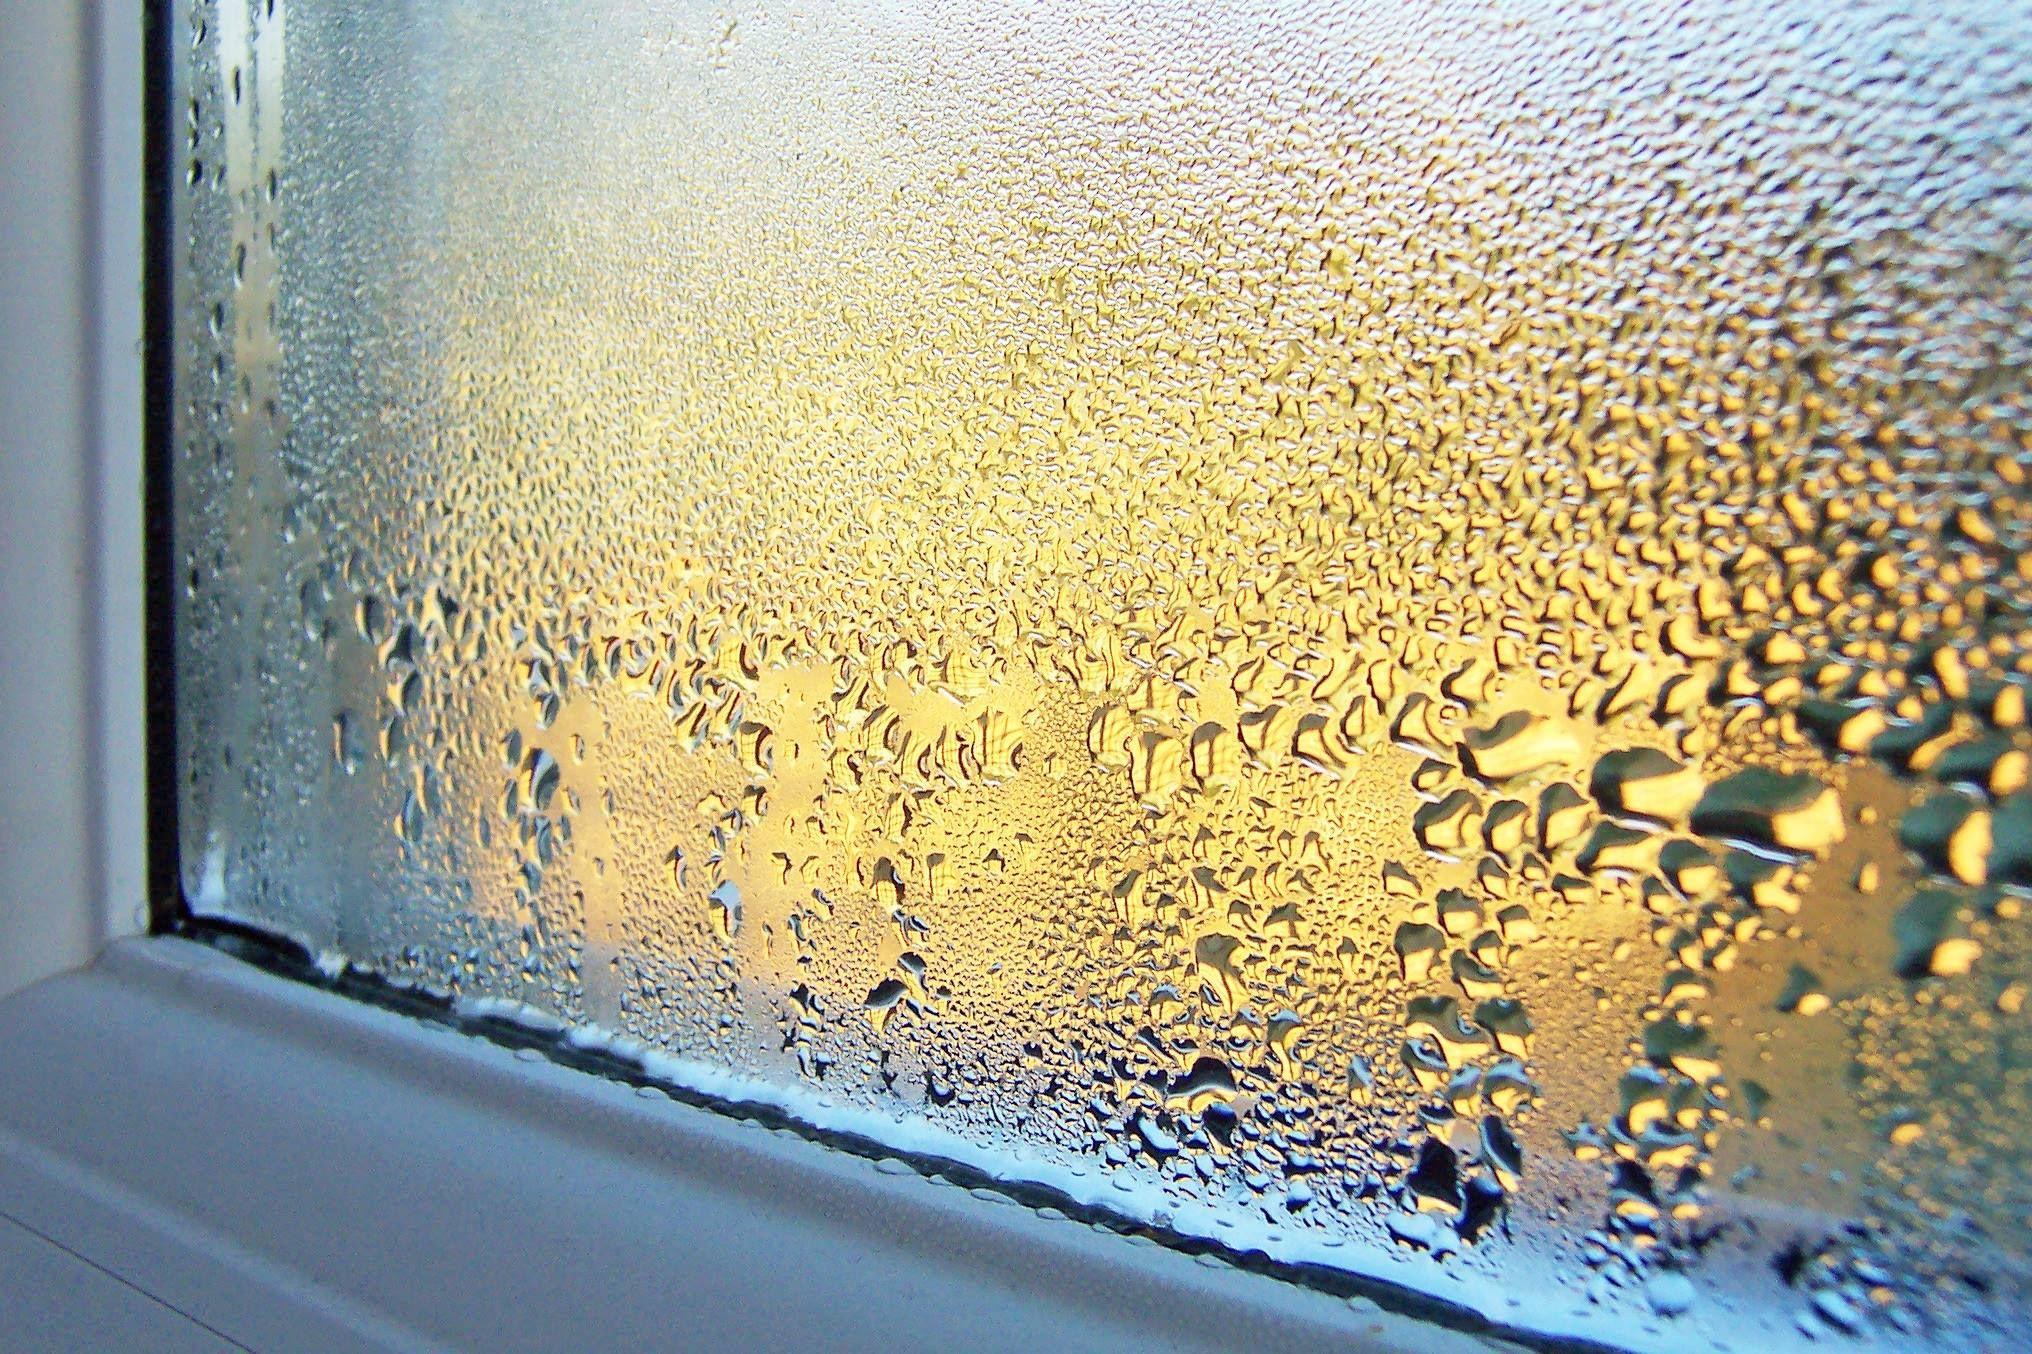 Конденсат на окнах внутри квартиры: почему образуется и как избавиться